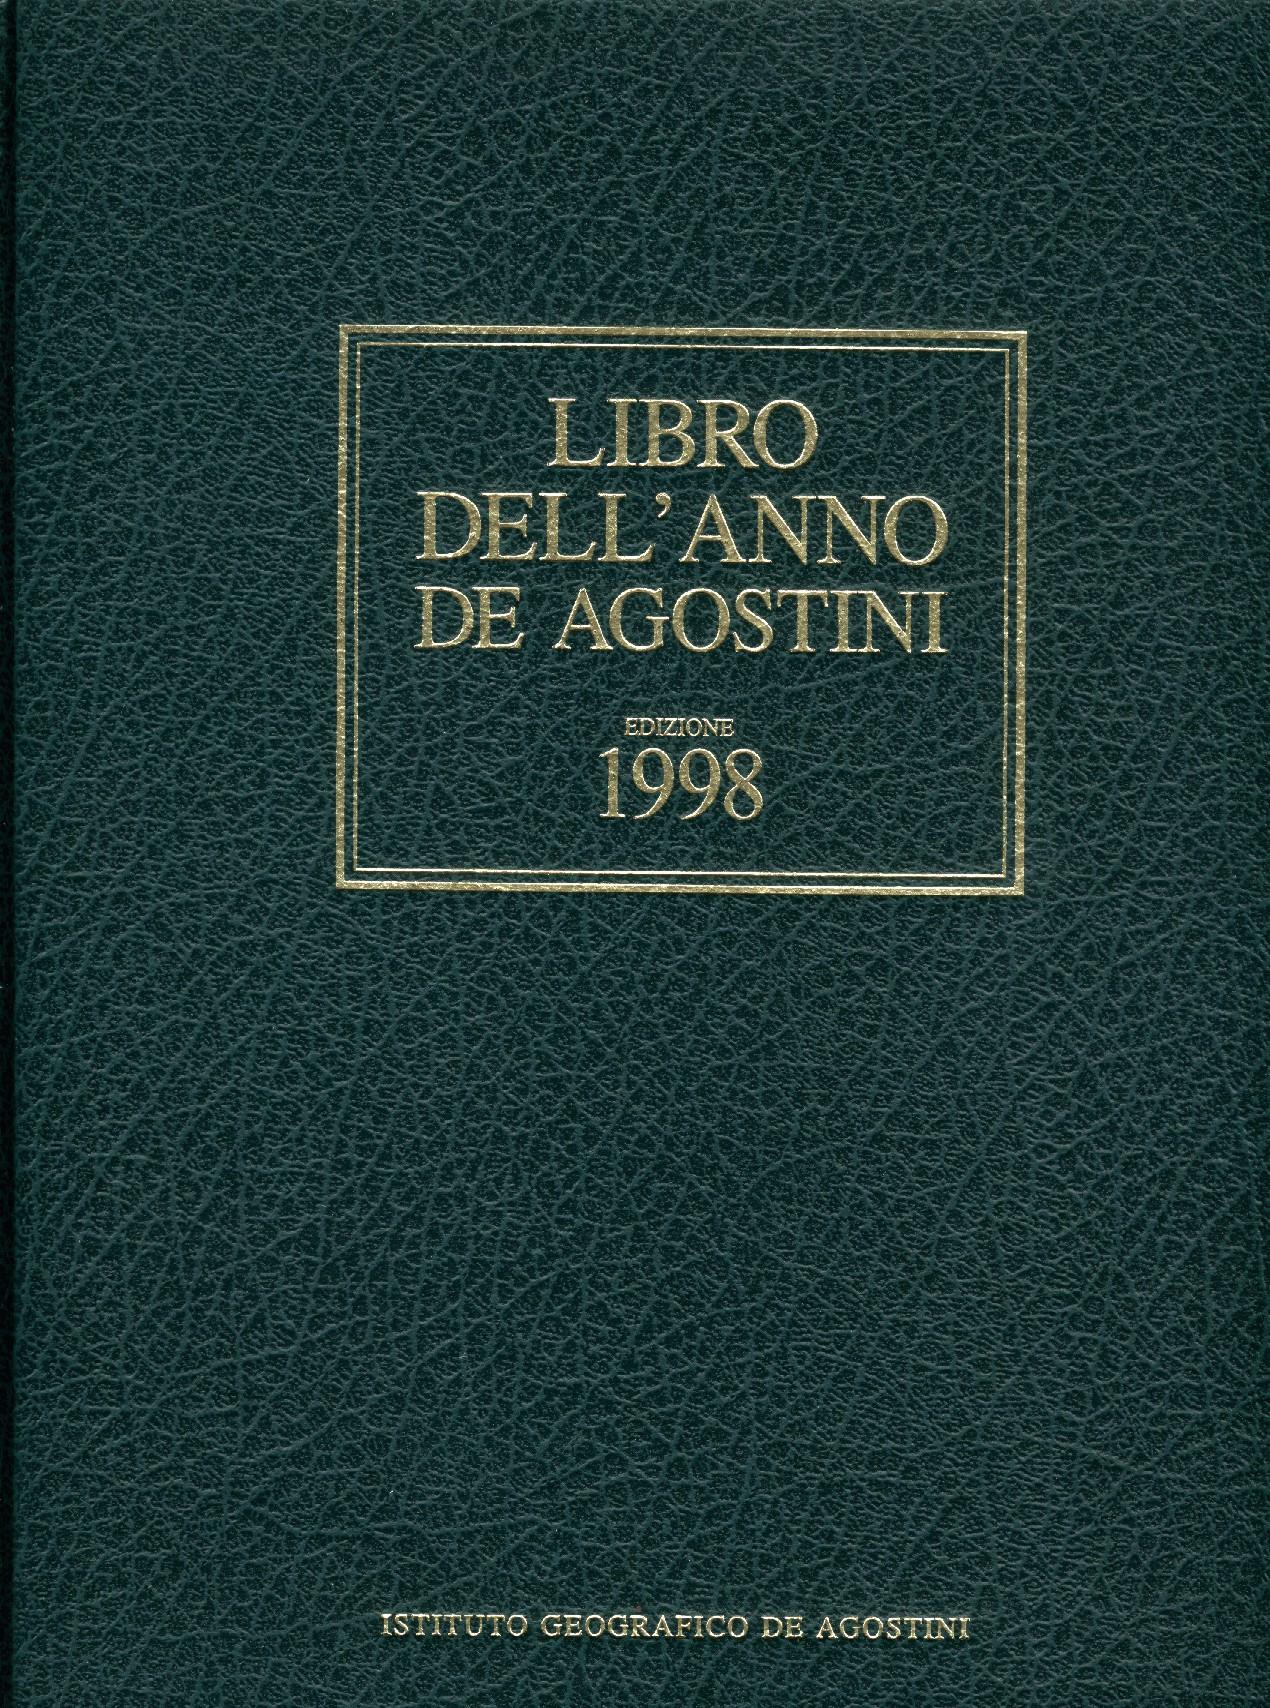 Libro dell'anno De Agostini Edizione 1998